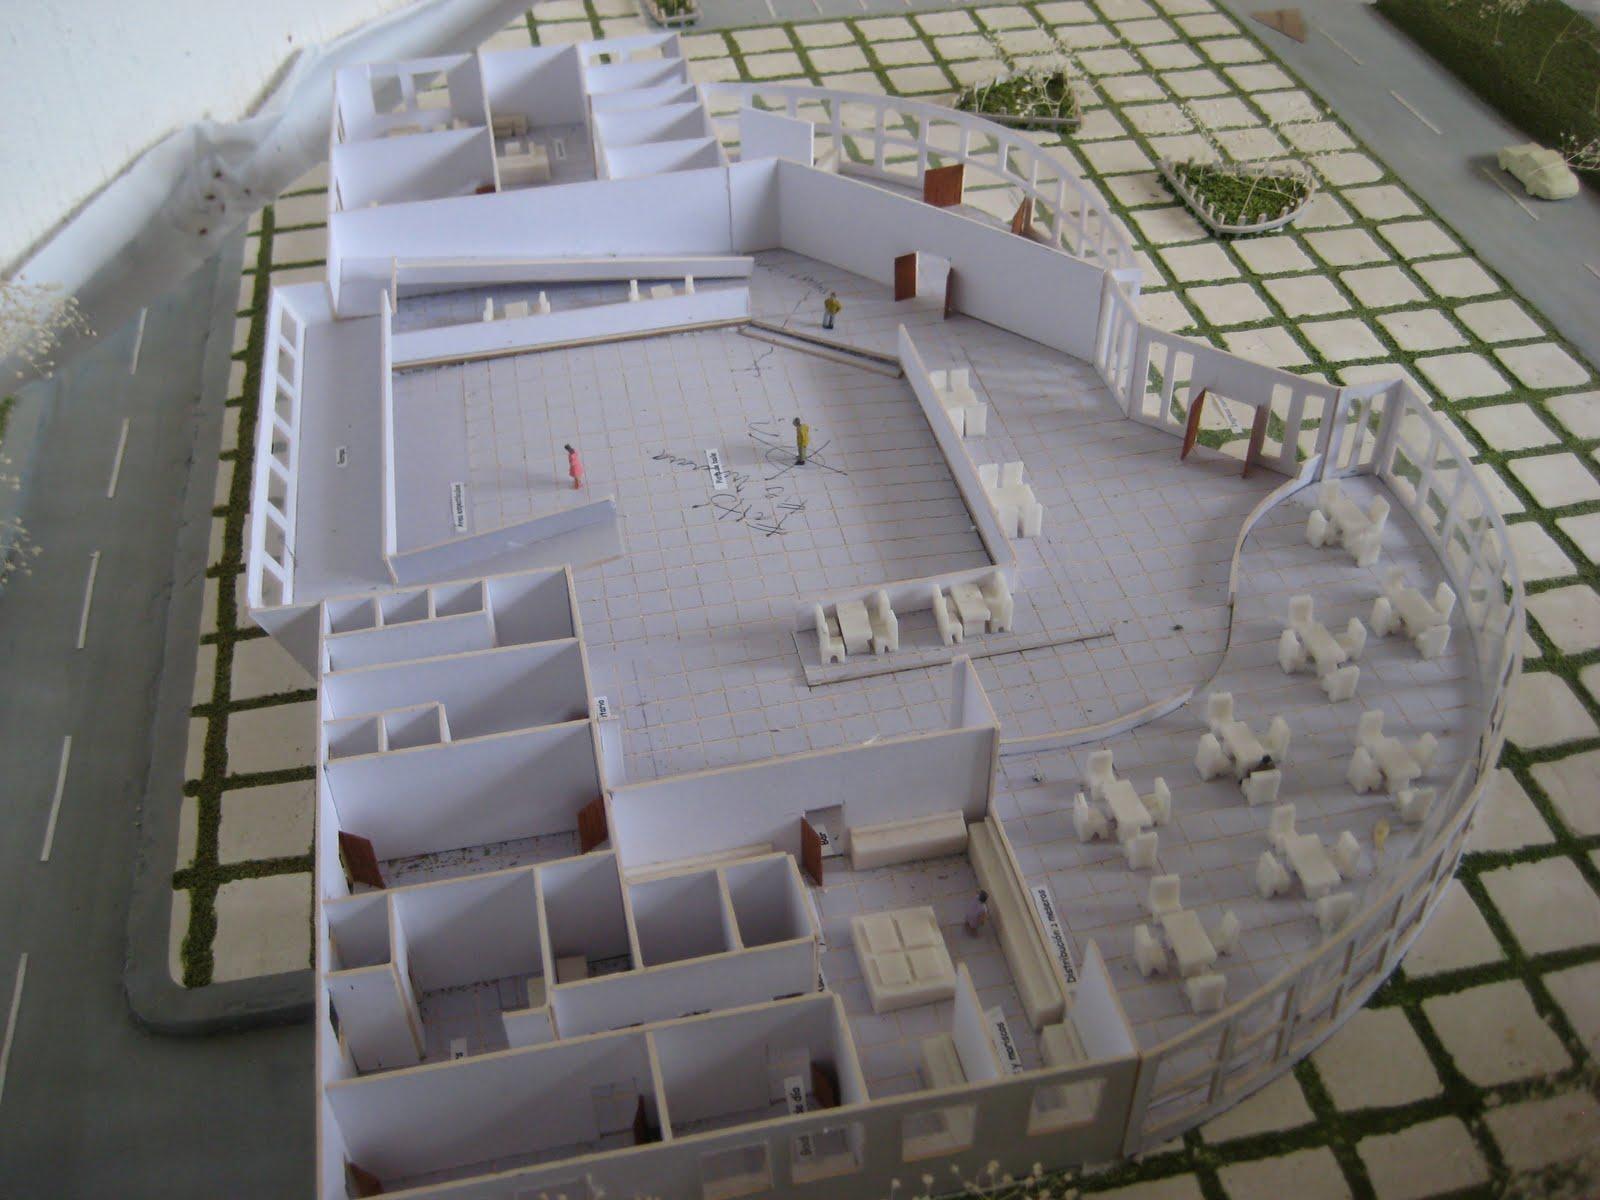 Proyectos Dise O Arquitectonico Dise O Arquitectonico 2